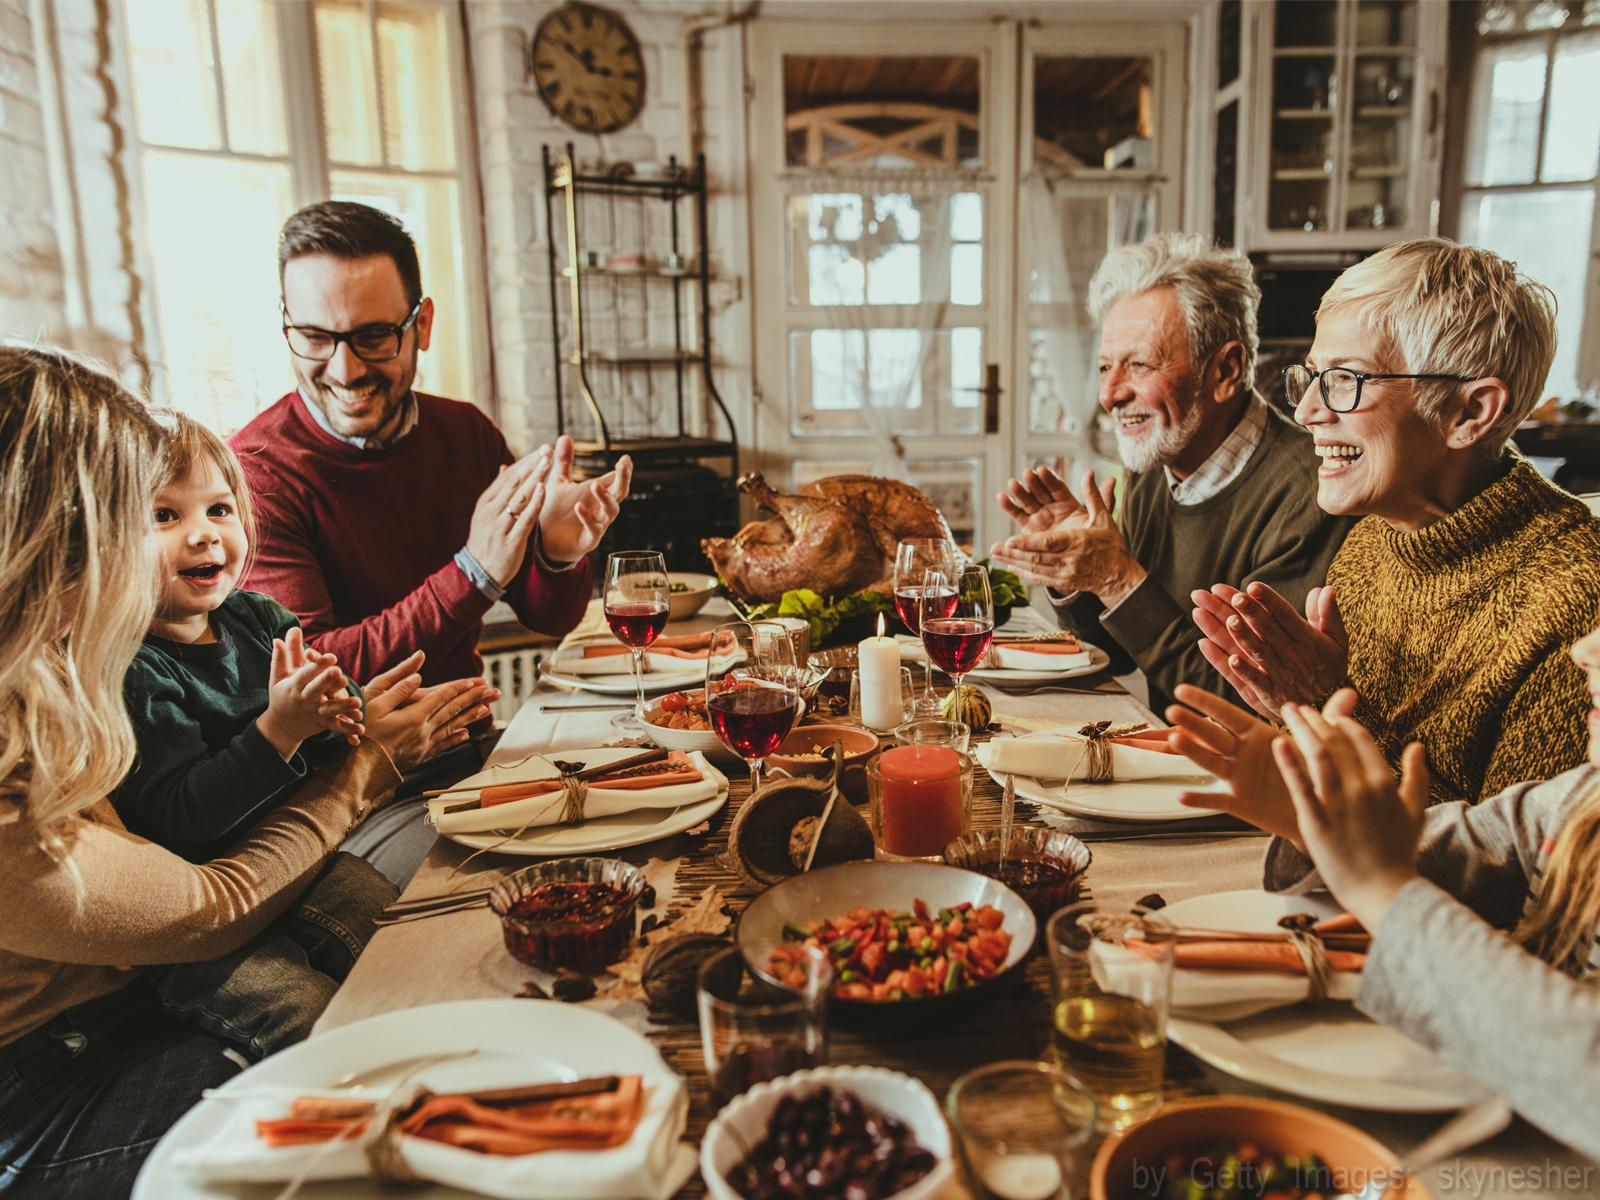 Ação de Graças dia de gratidão a Deus por toda benção recebida